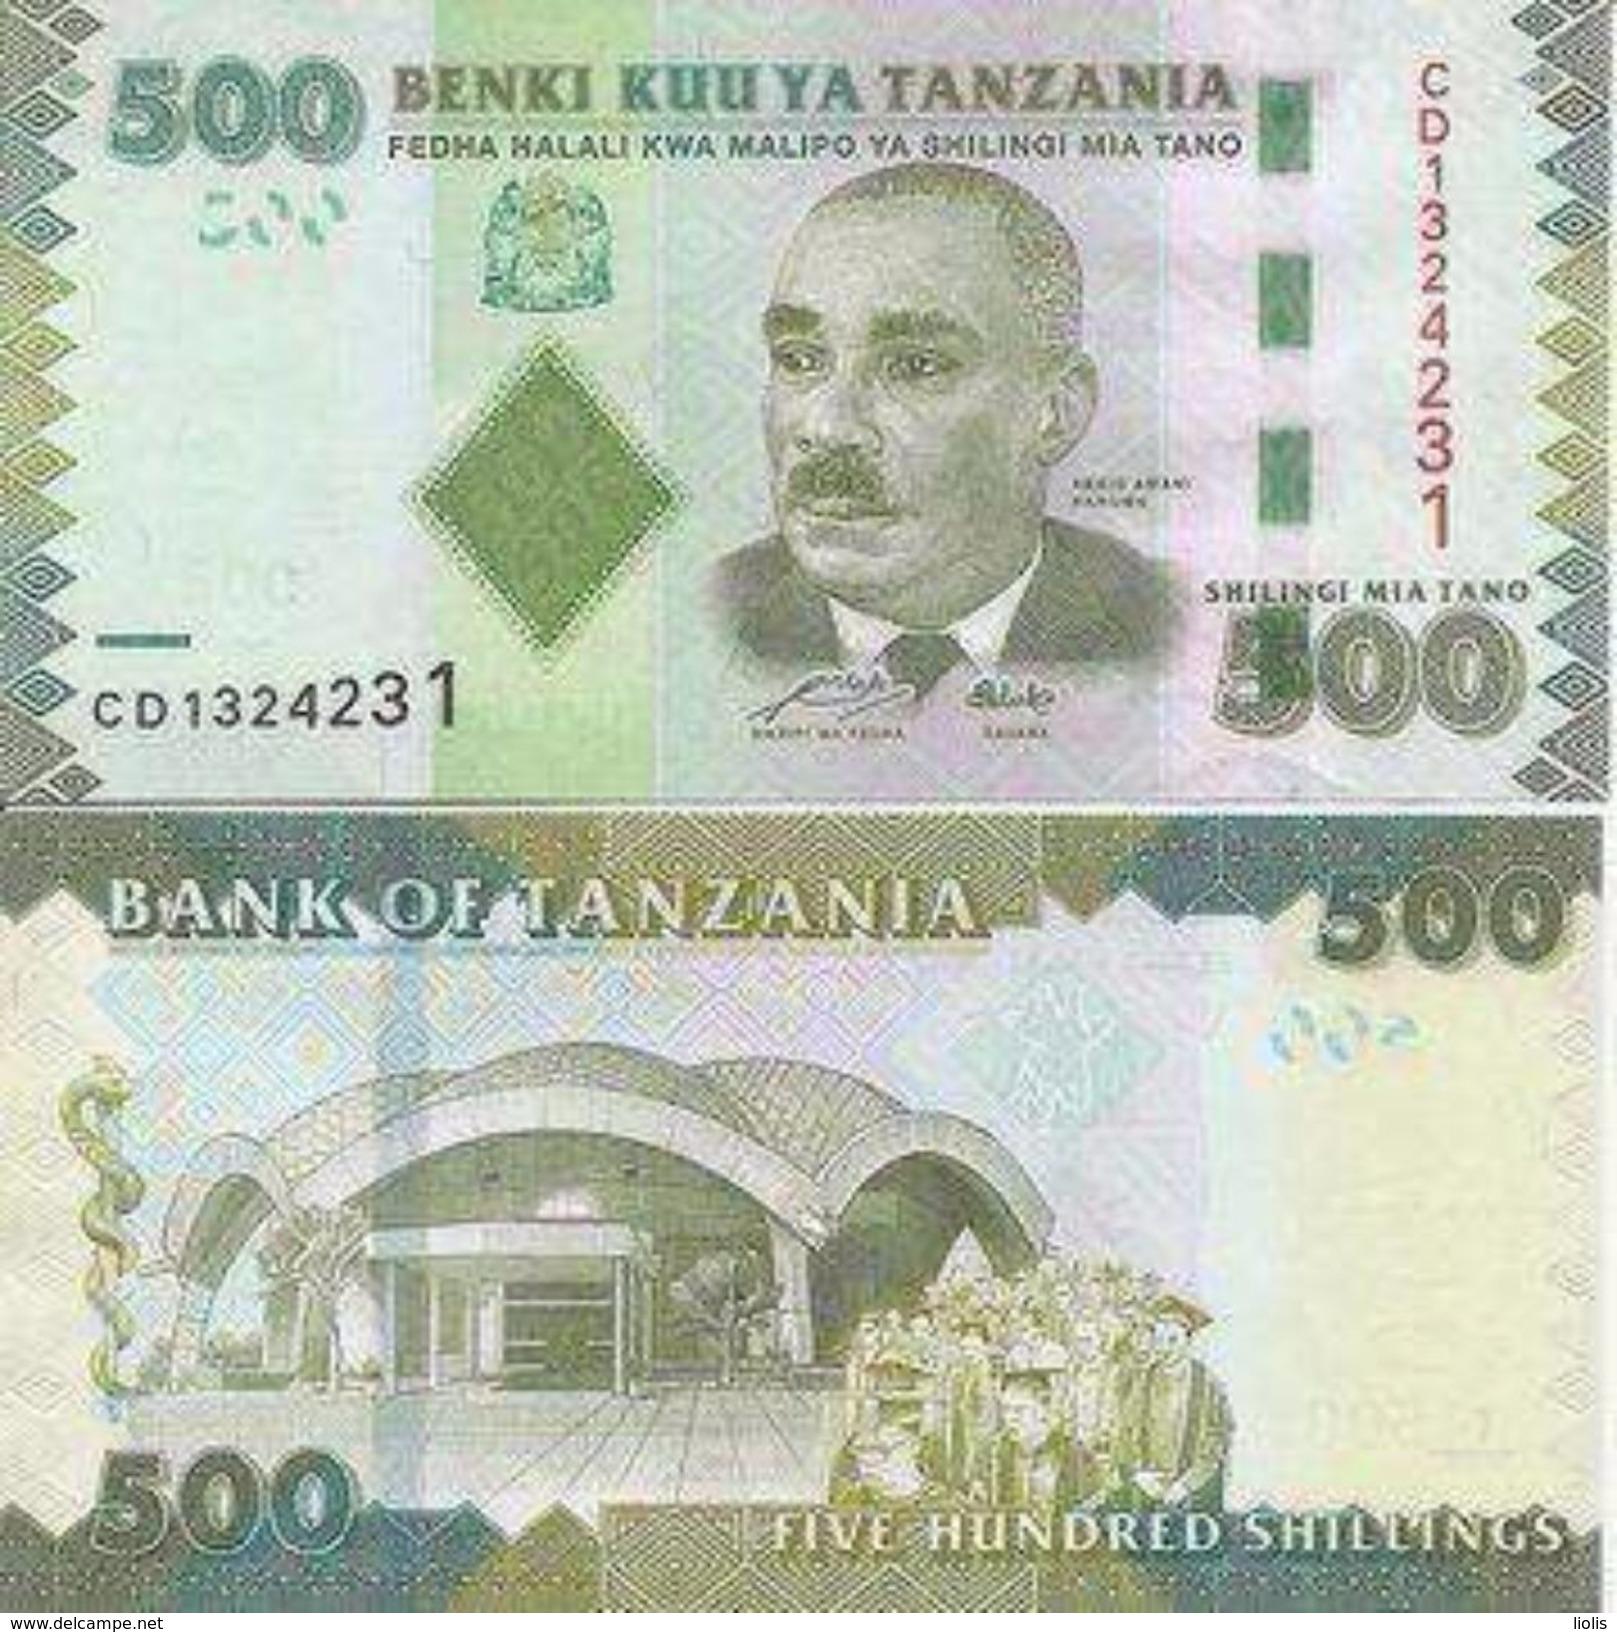 Tanzania  P-40  500 Shilingi 2010  UNC - Tansania